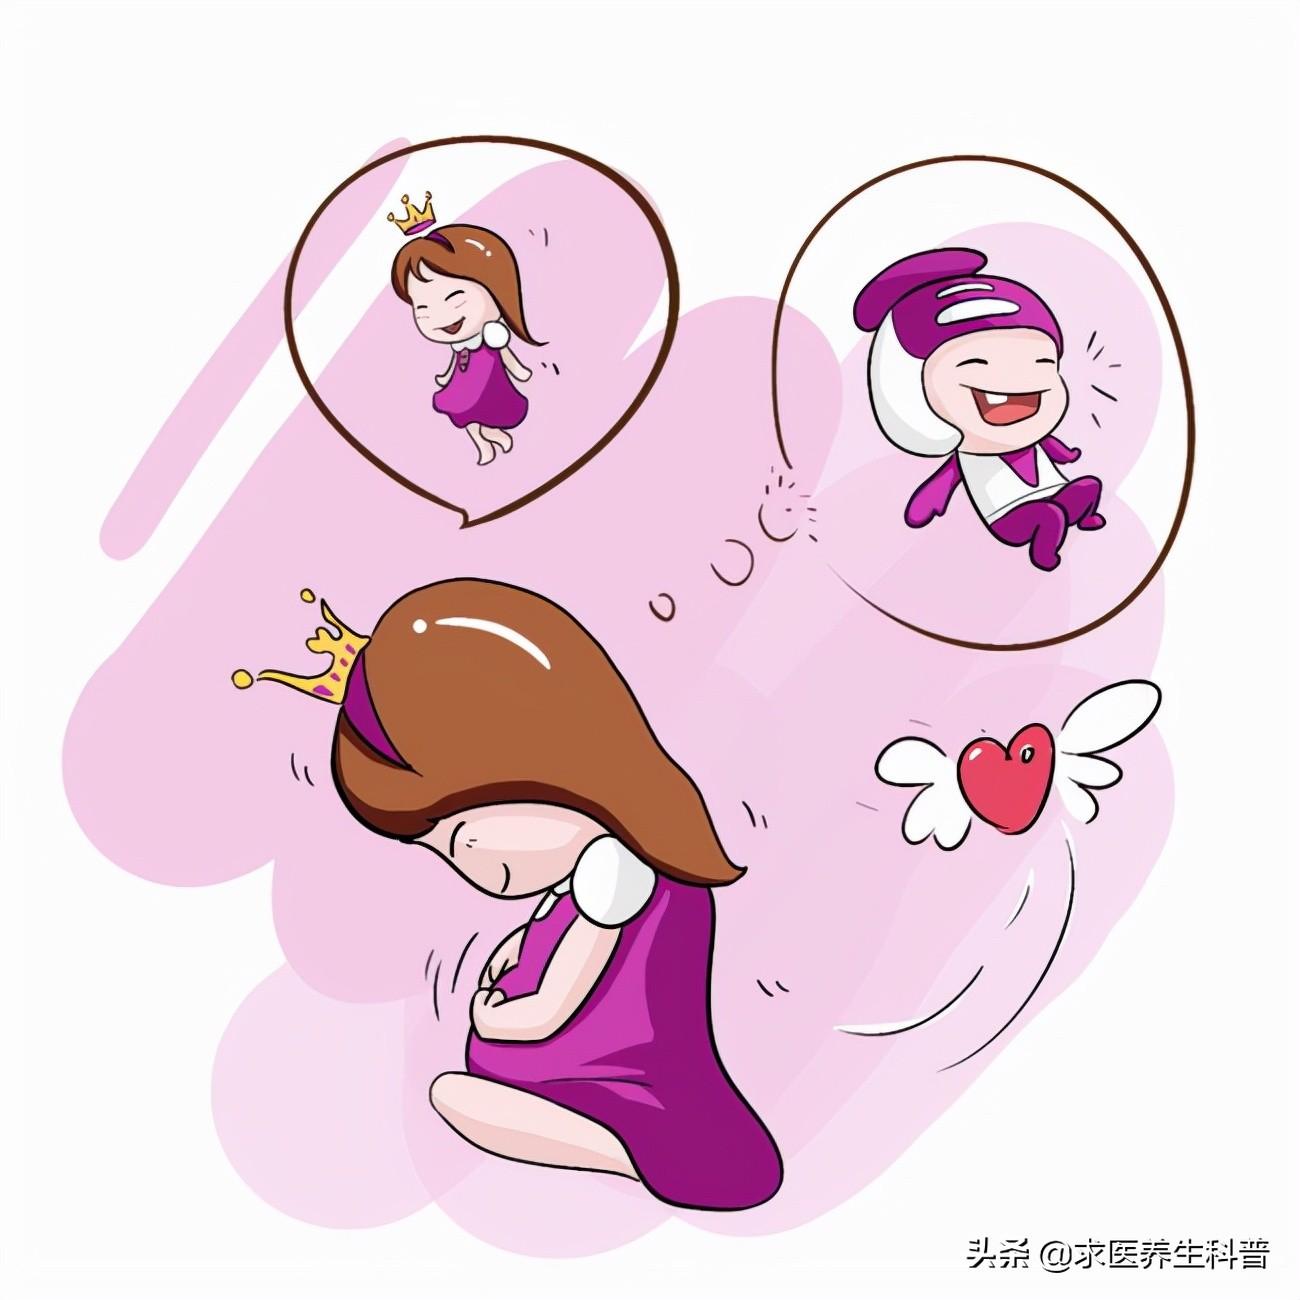 孕囊里检测不出胎儿的胎心,如何预防预防空孕囊的发生